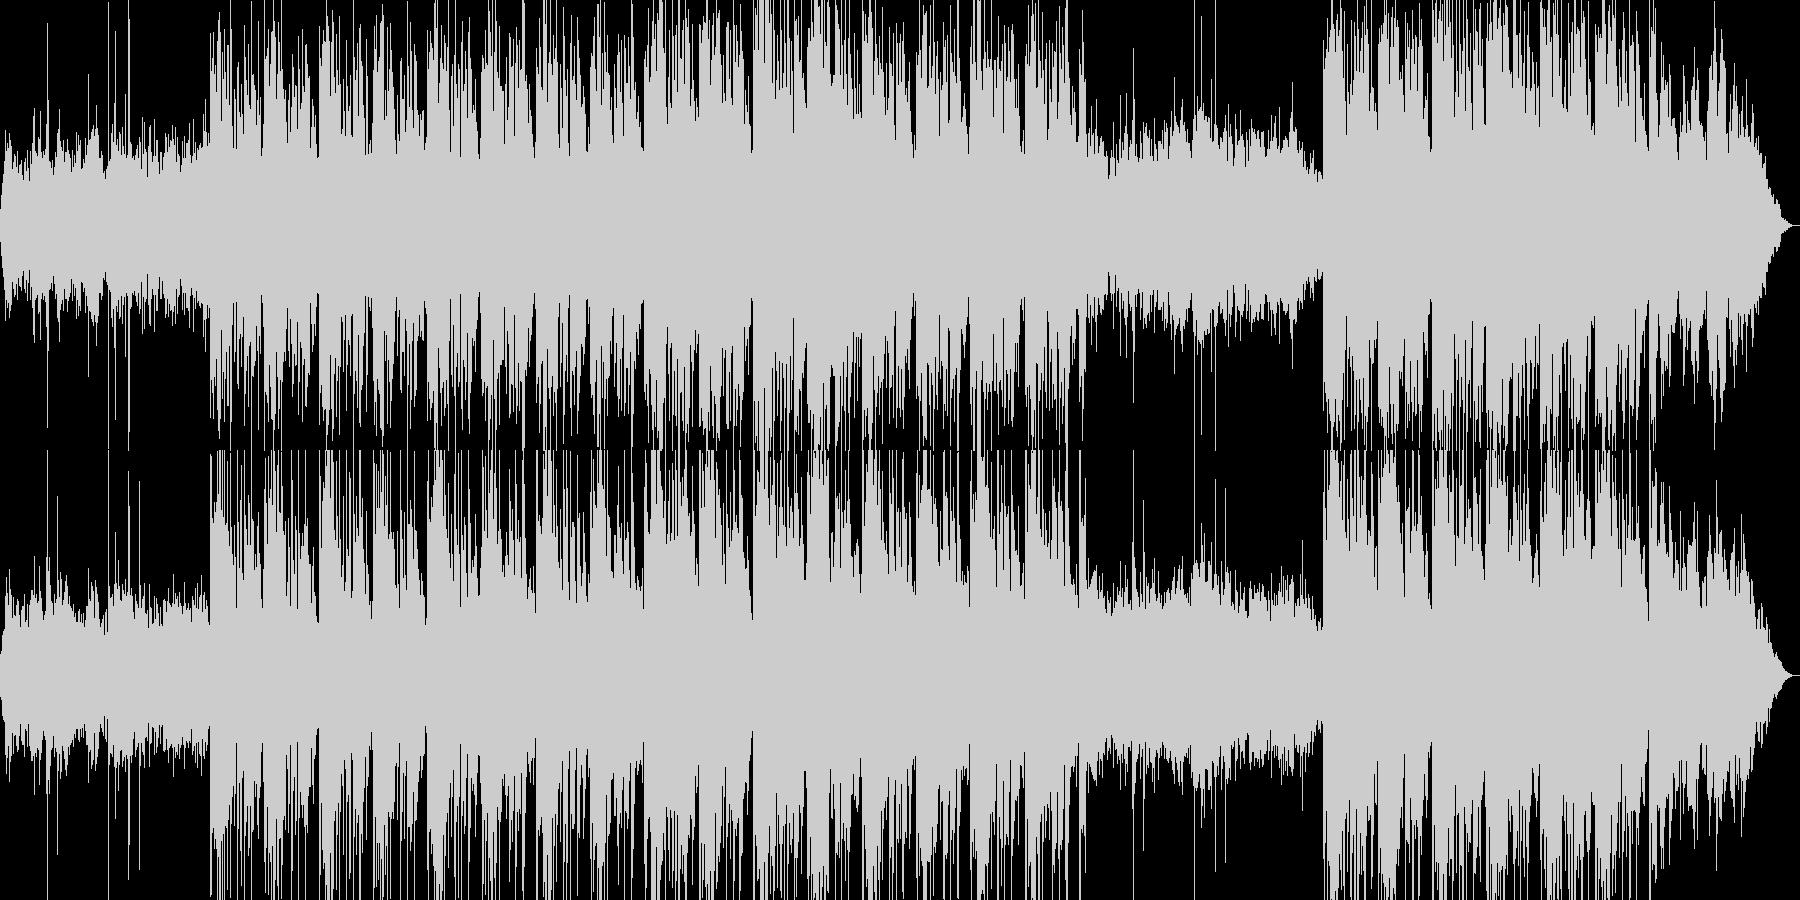 軽めのピアノが特徴温かく繊細なチルアウトの未再生の波形